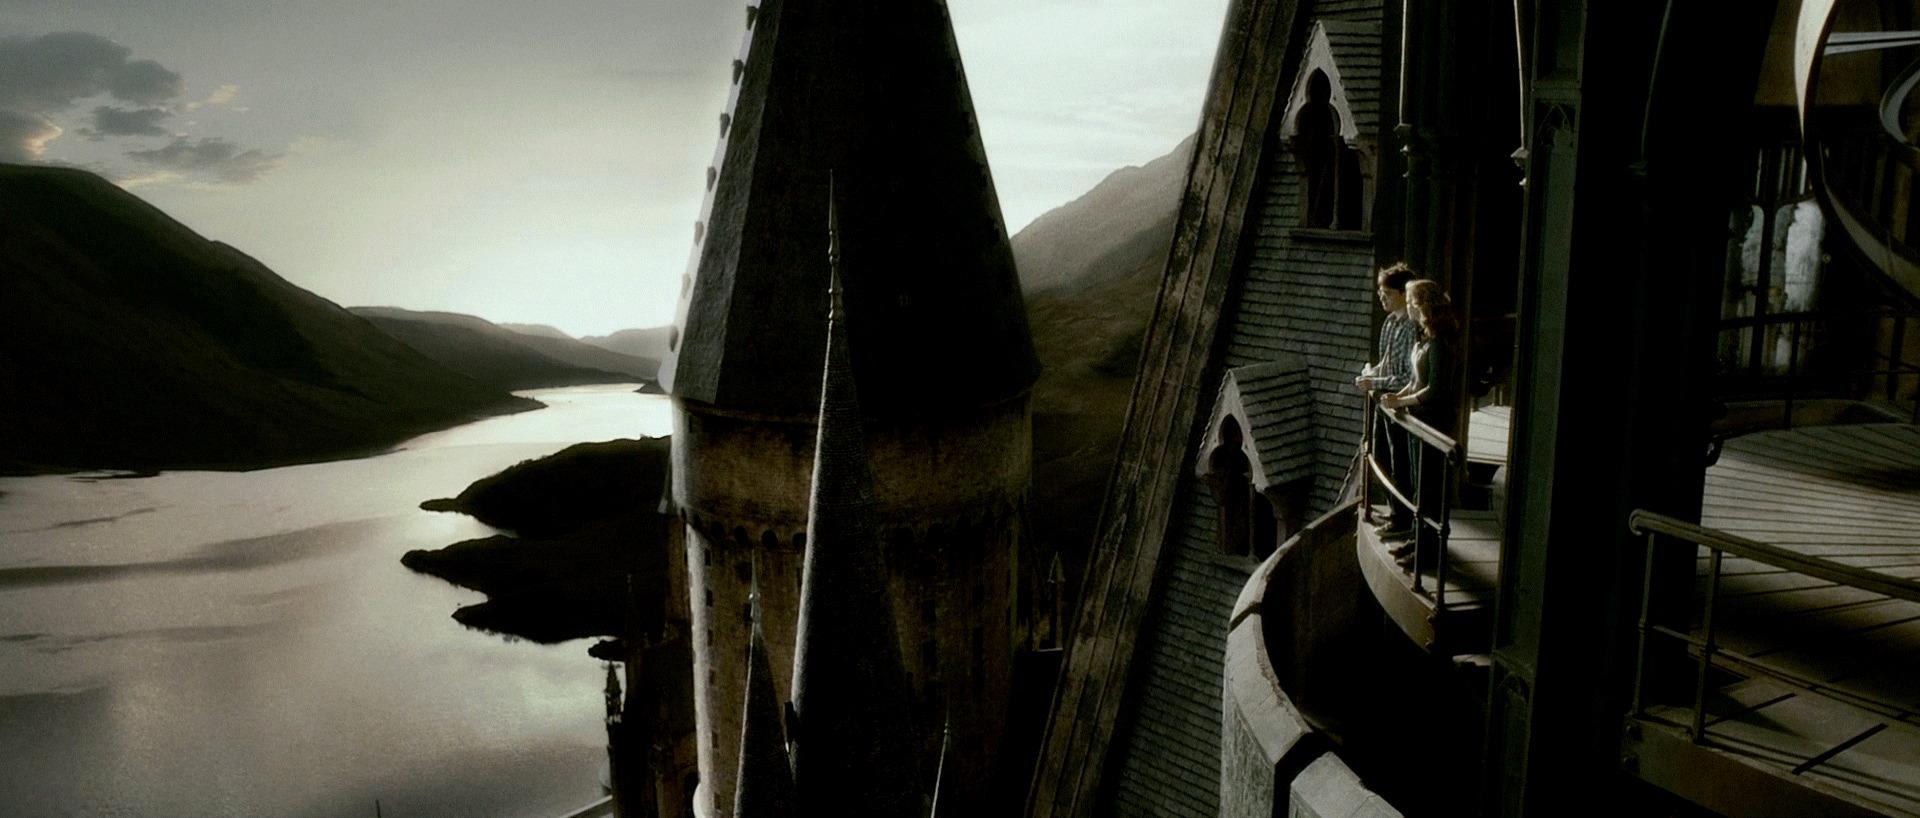 http://bloghogwarts.com/wp-content/gallery/tercer-trailer-harry-potter-y-el-misterio-del-principe/movies_hbp_3rdtrailerhd_031.jpg